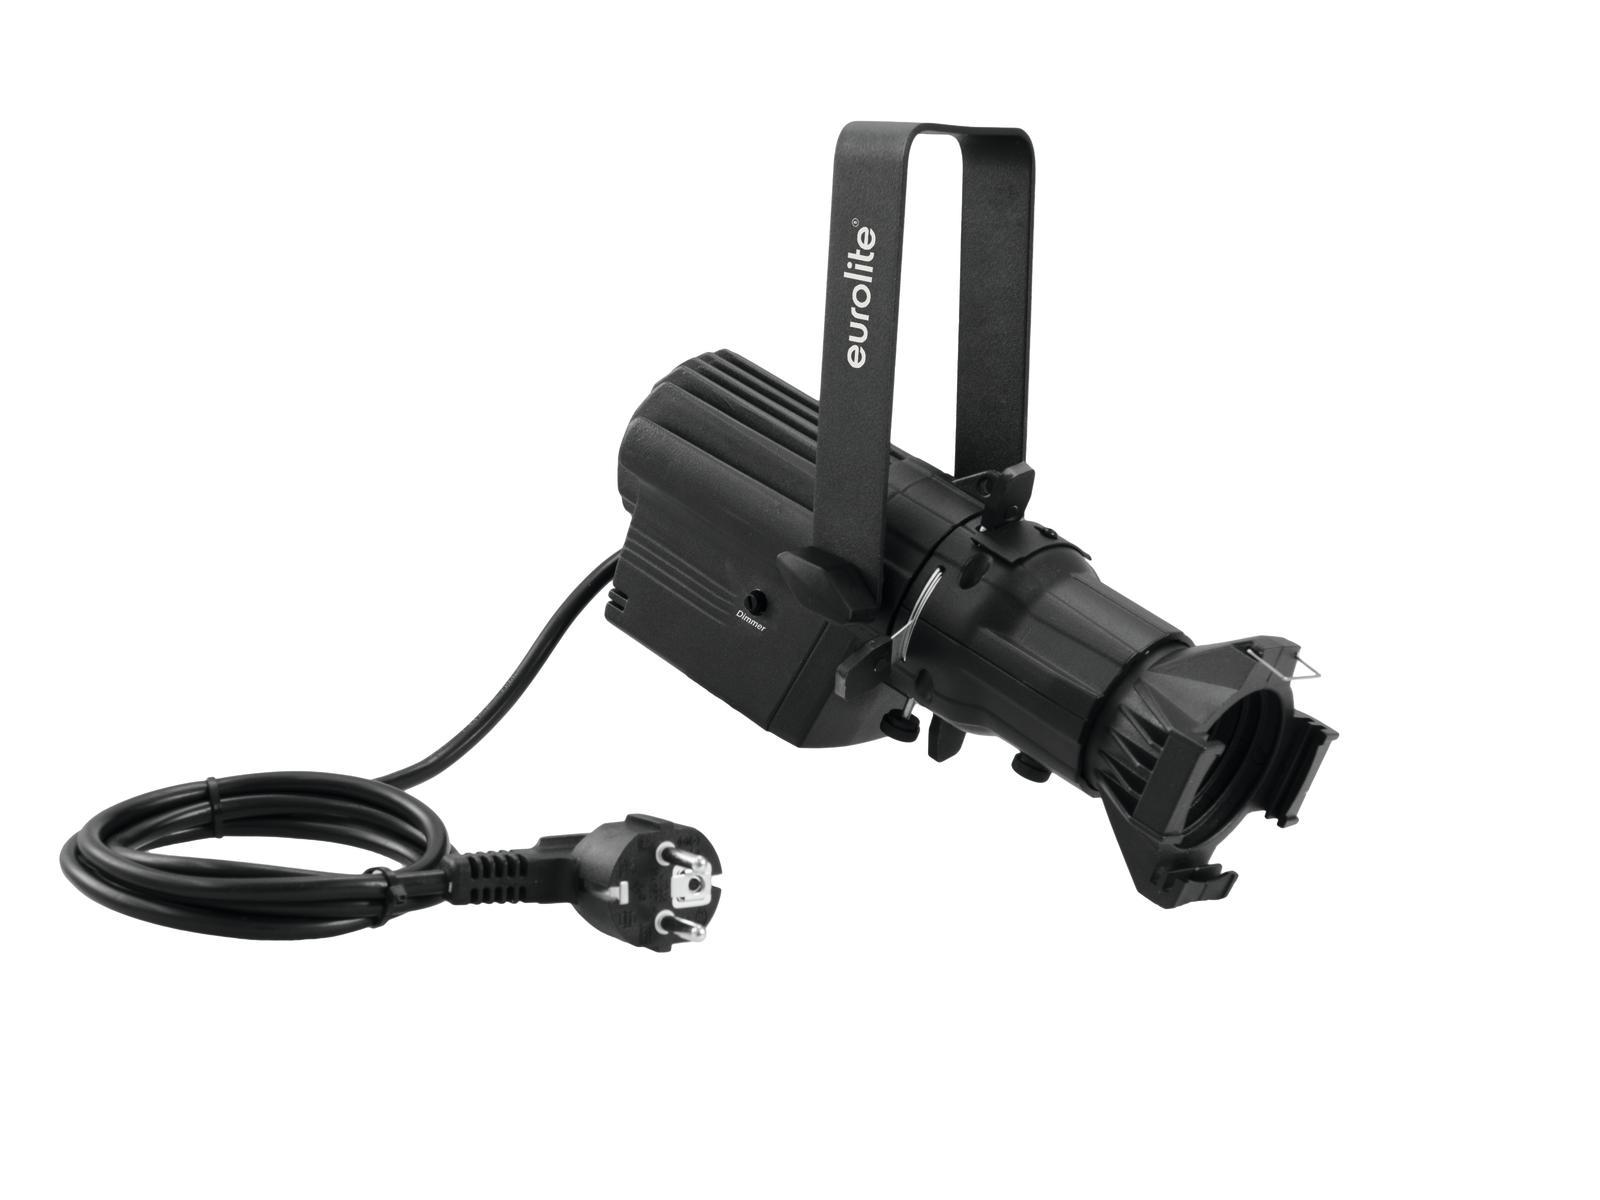 Eurolite LED PFE 1x35W COB 3000K profilové světlo, černé